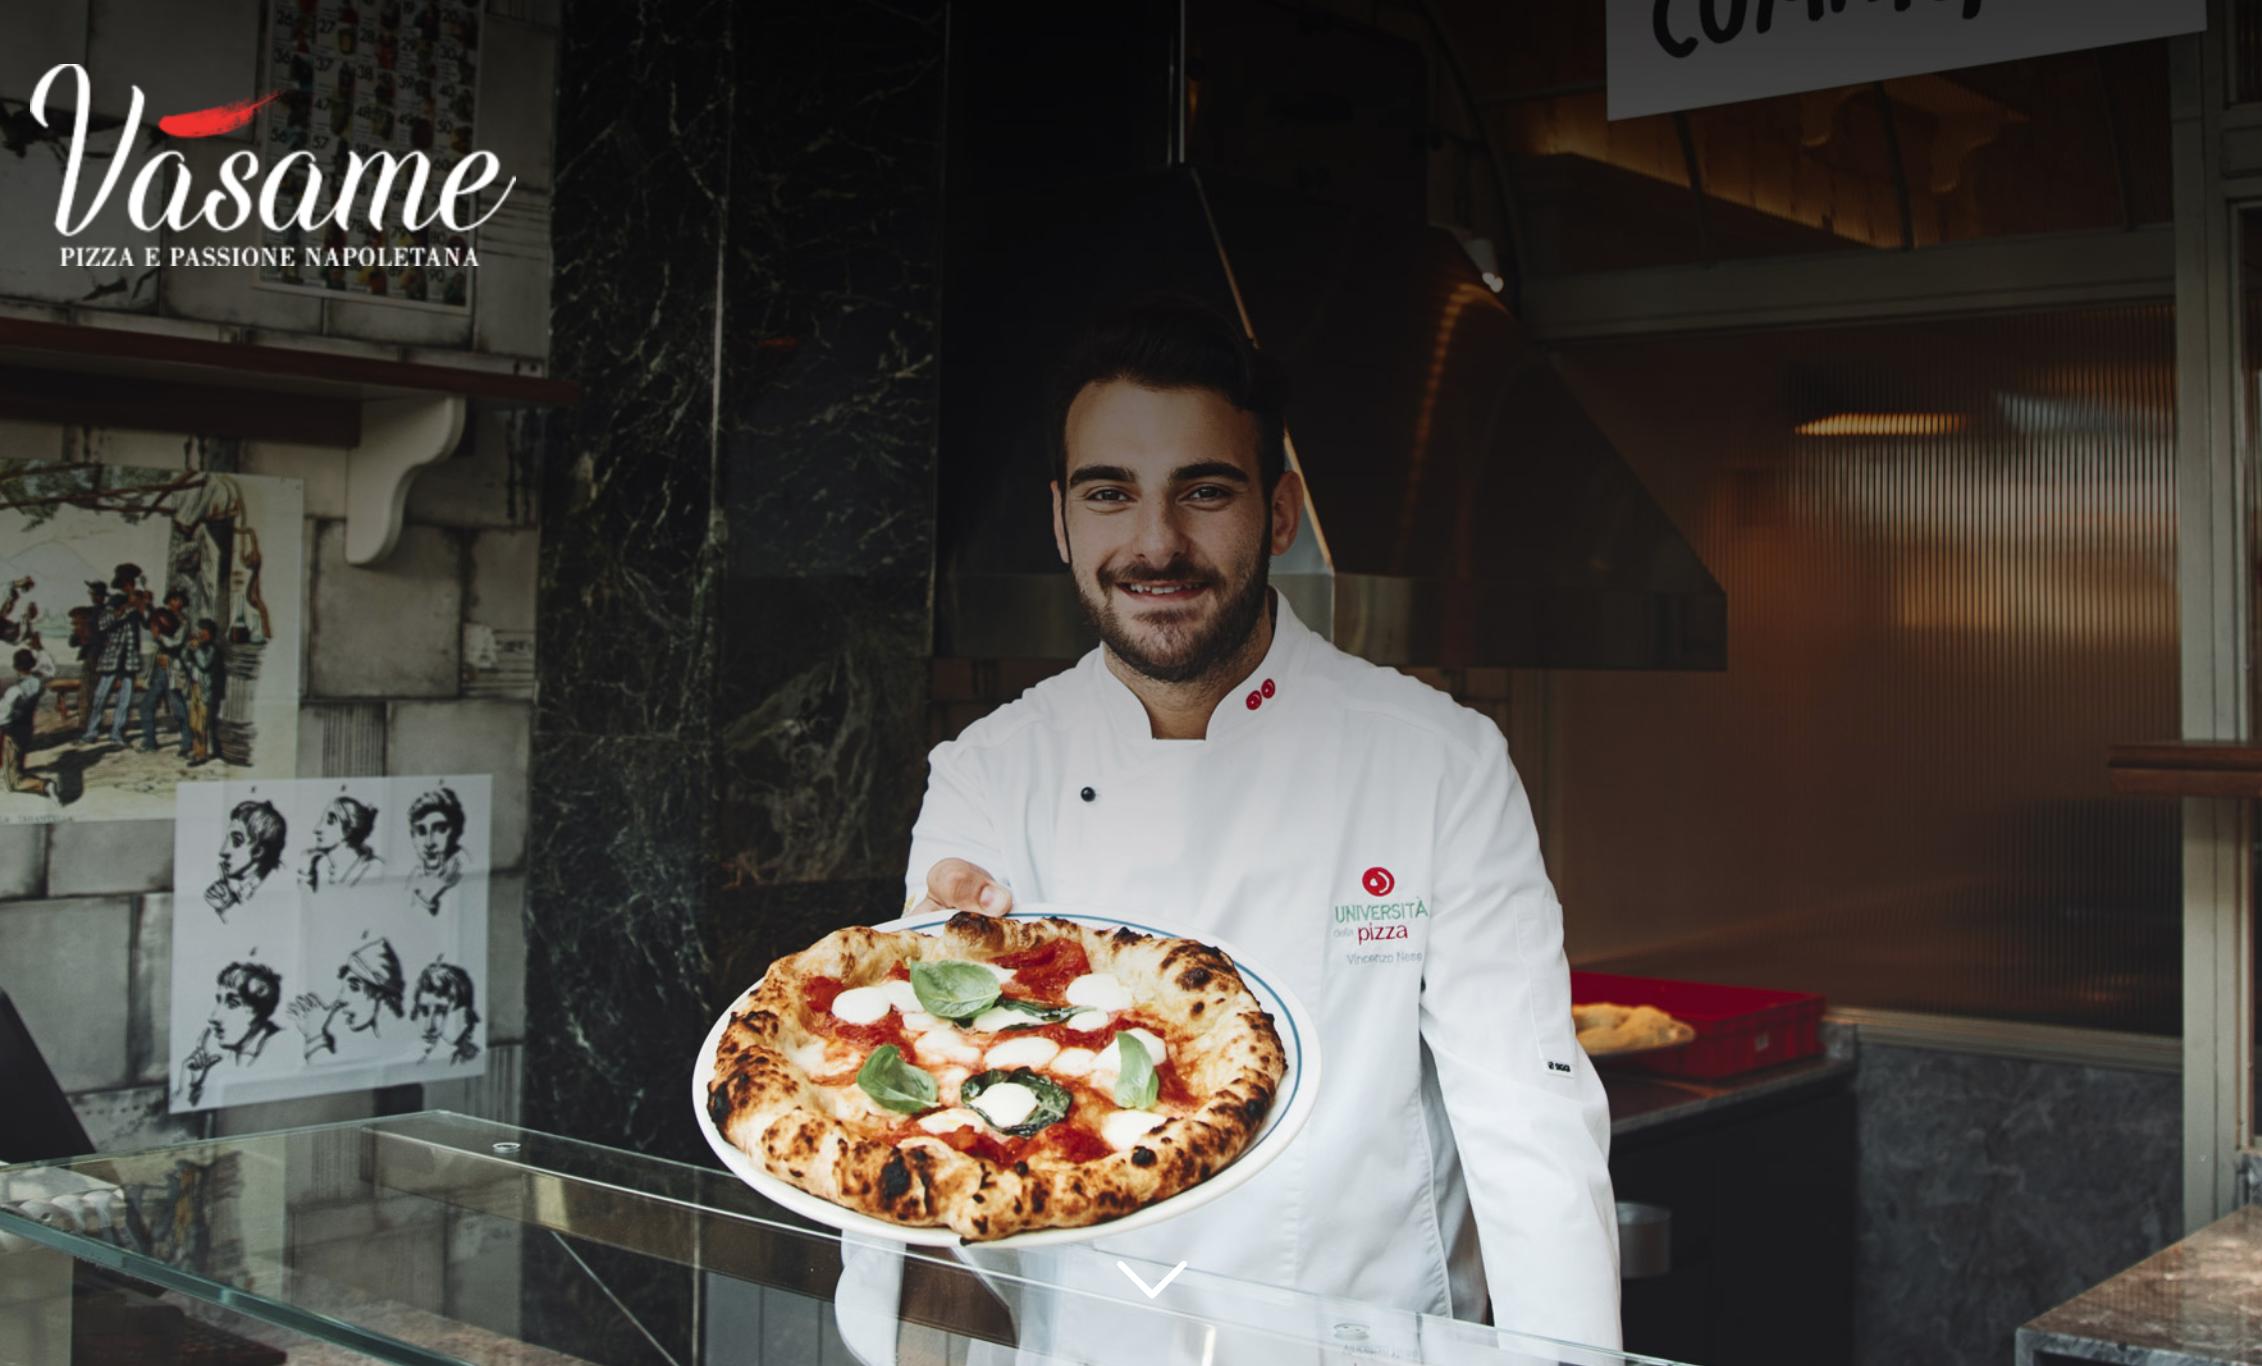 意大利时尚集团 Gruppo Capri 投资新披萨概念店 Vàsame,进军餐饮领域